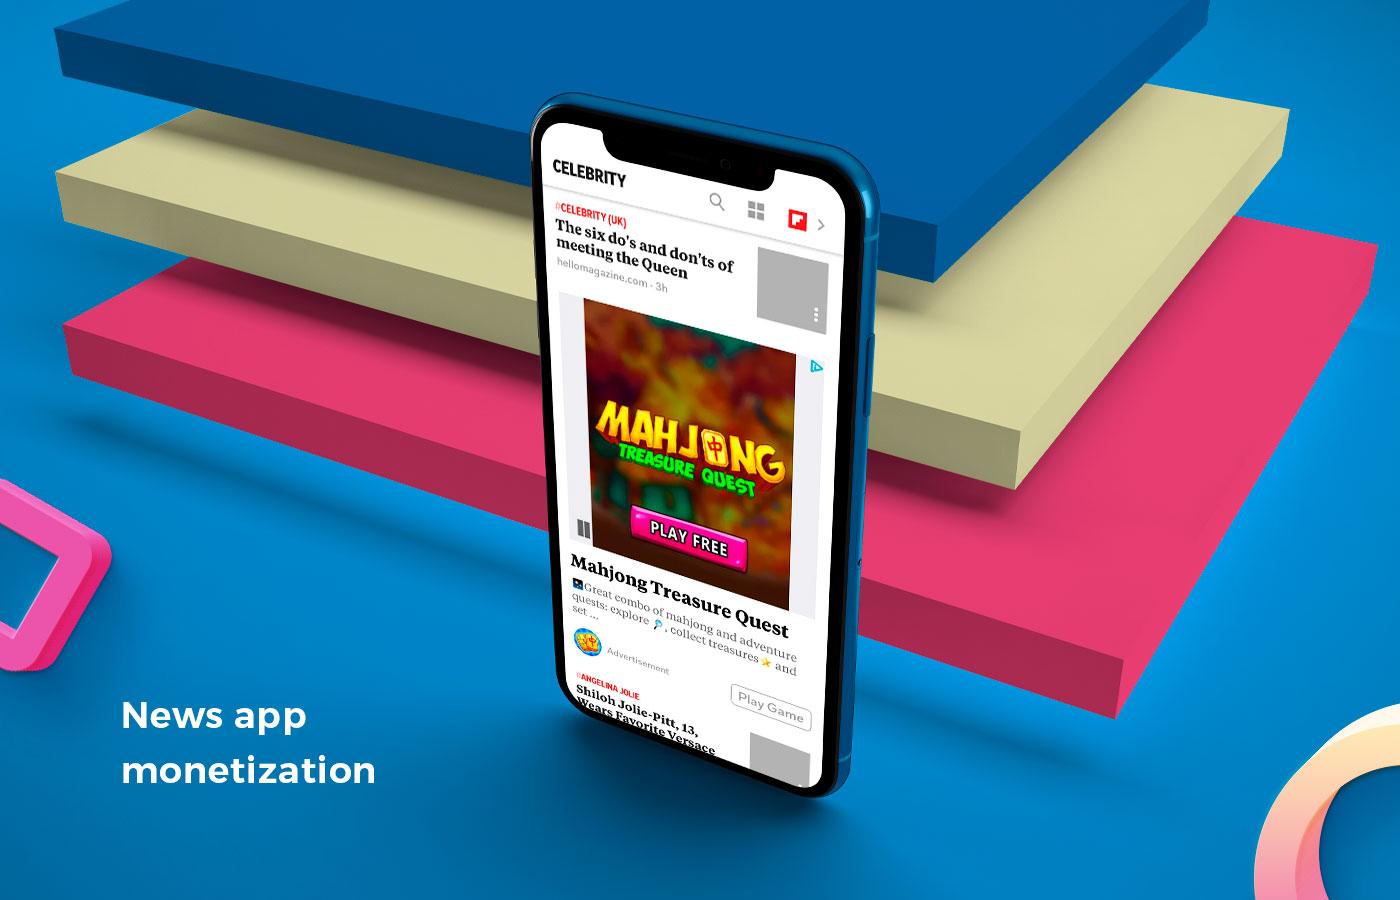 News app monetization